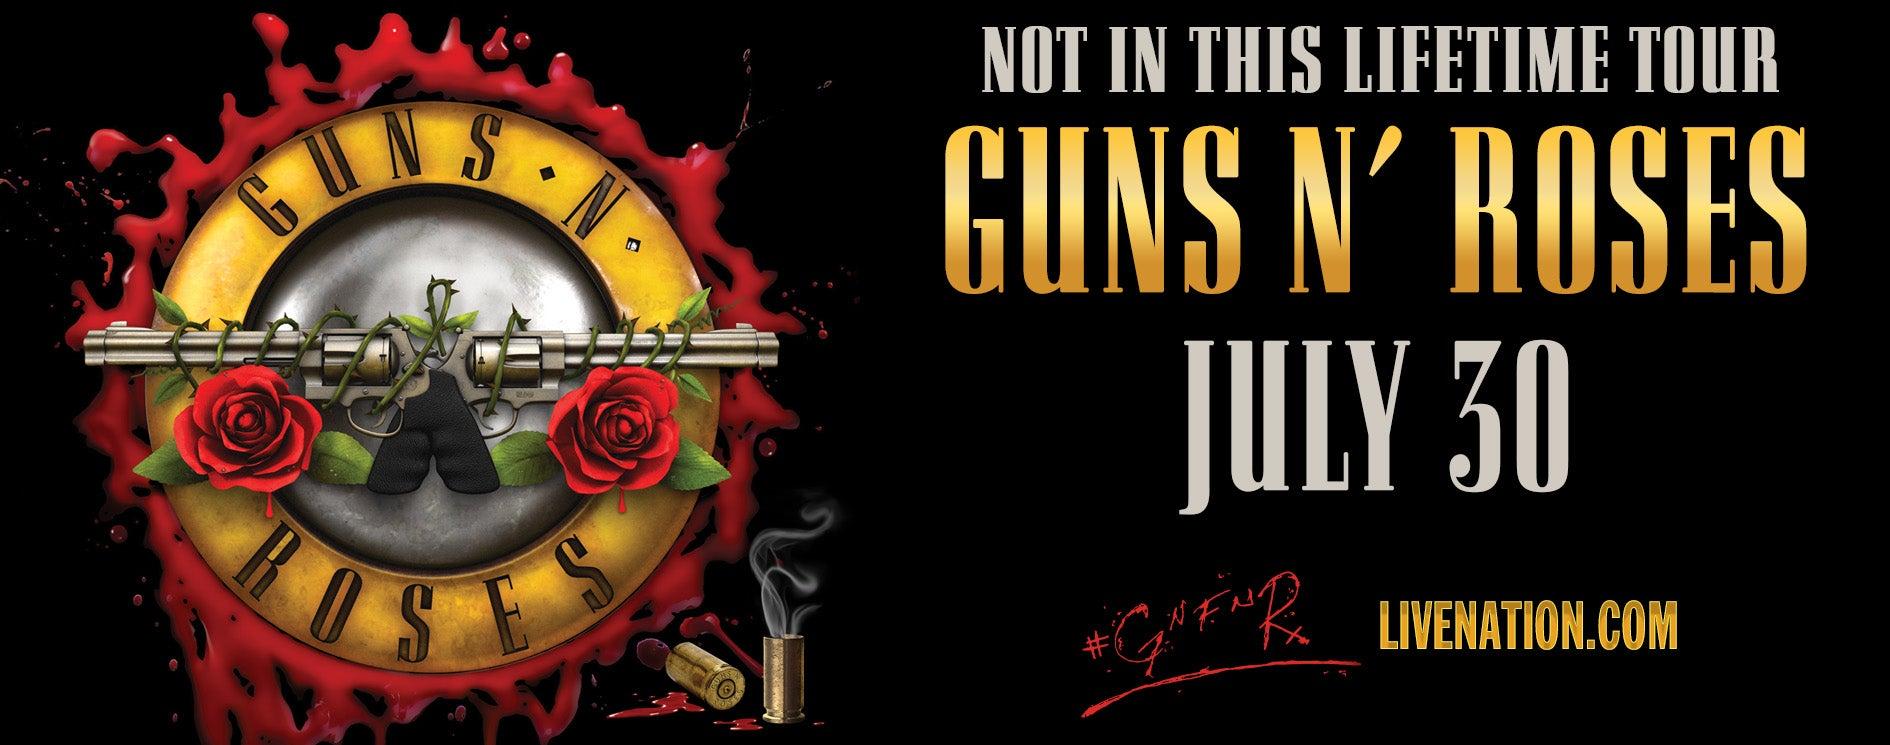 Guns N Roses Tour Dates